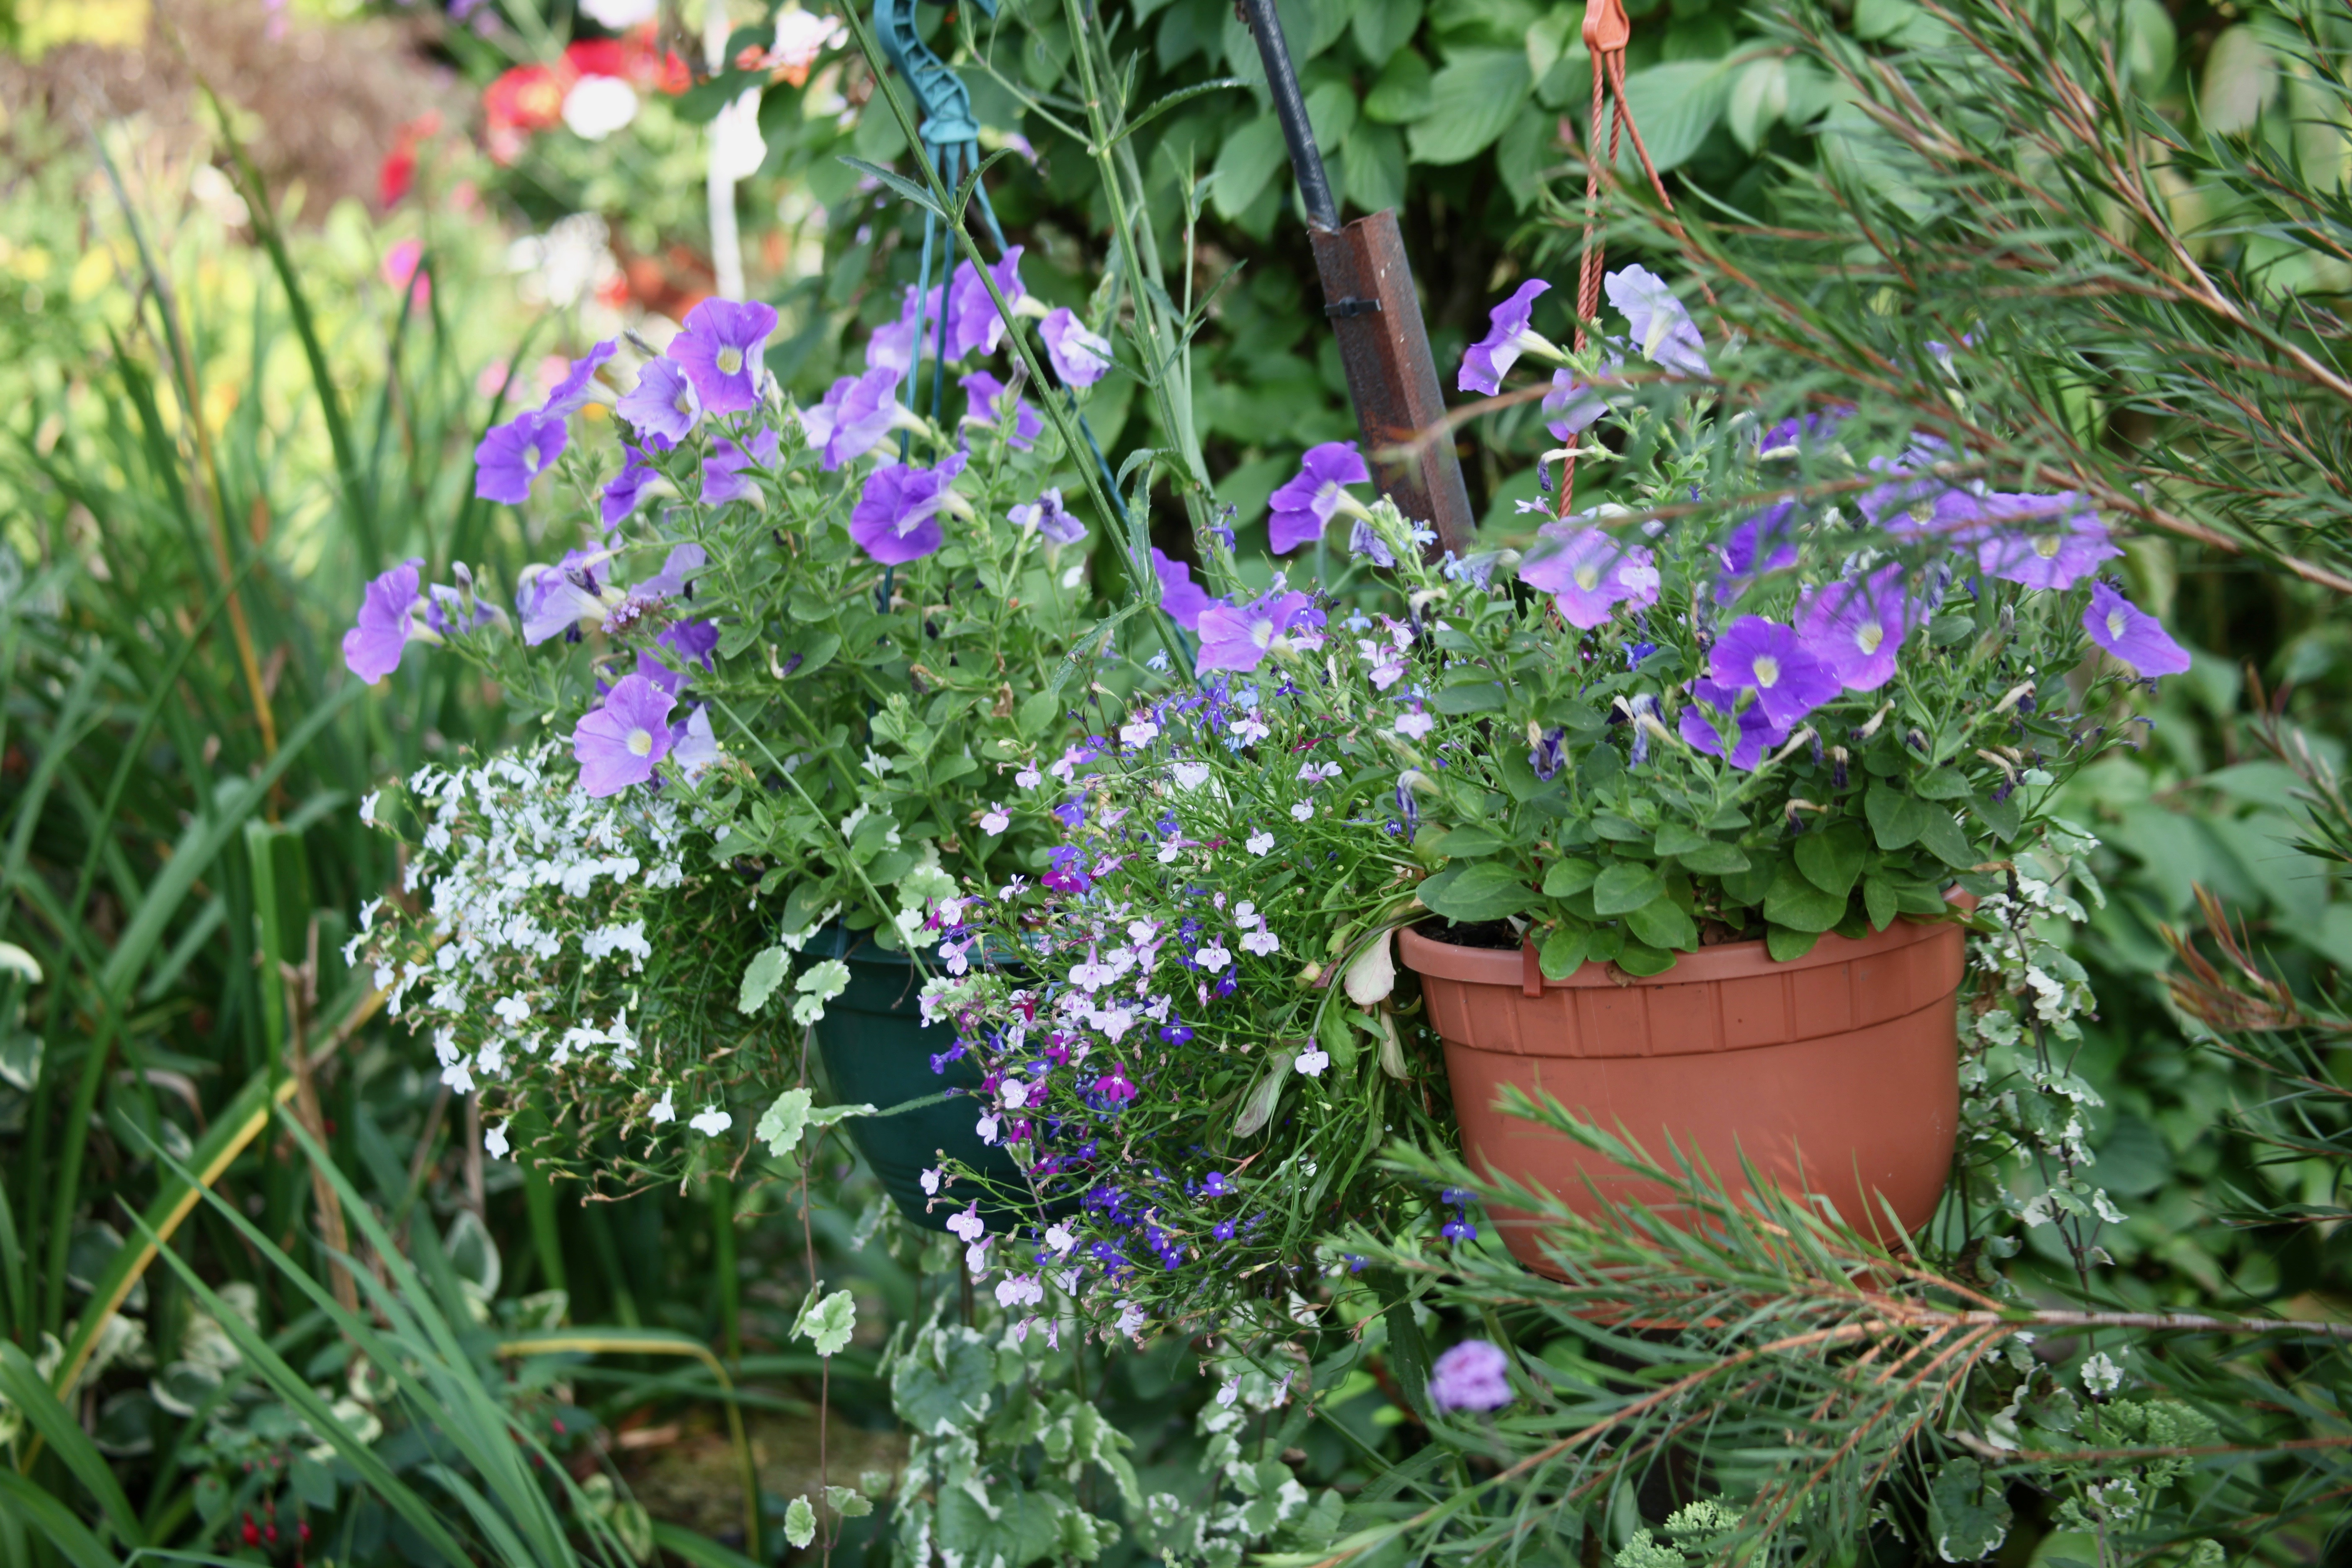 Petunias and lobelias